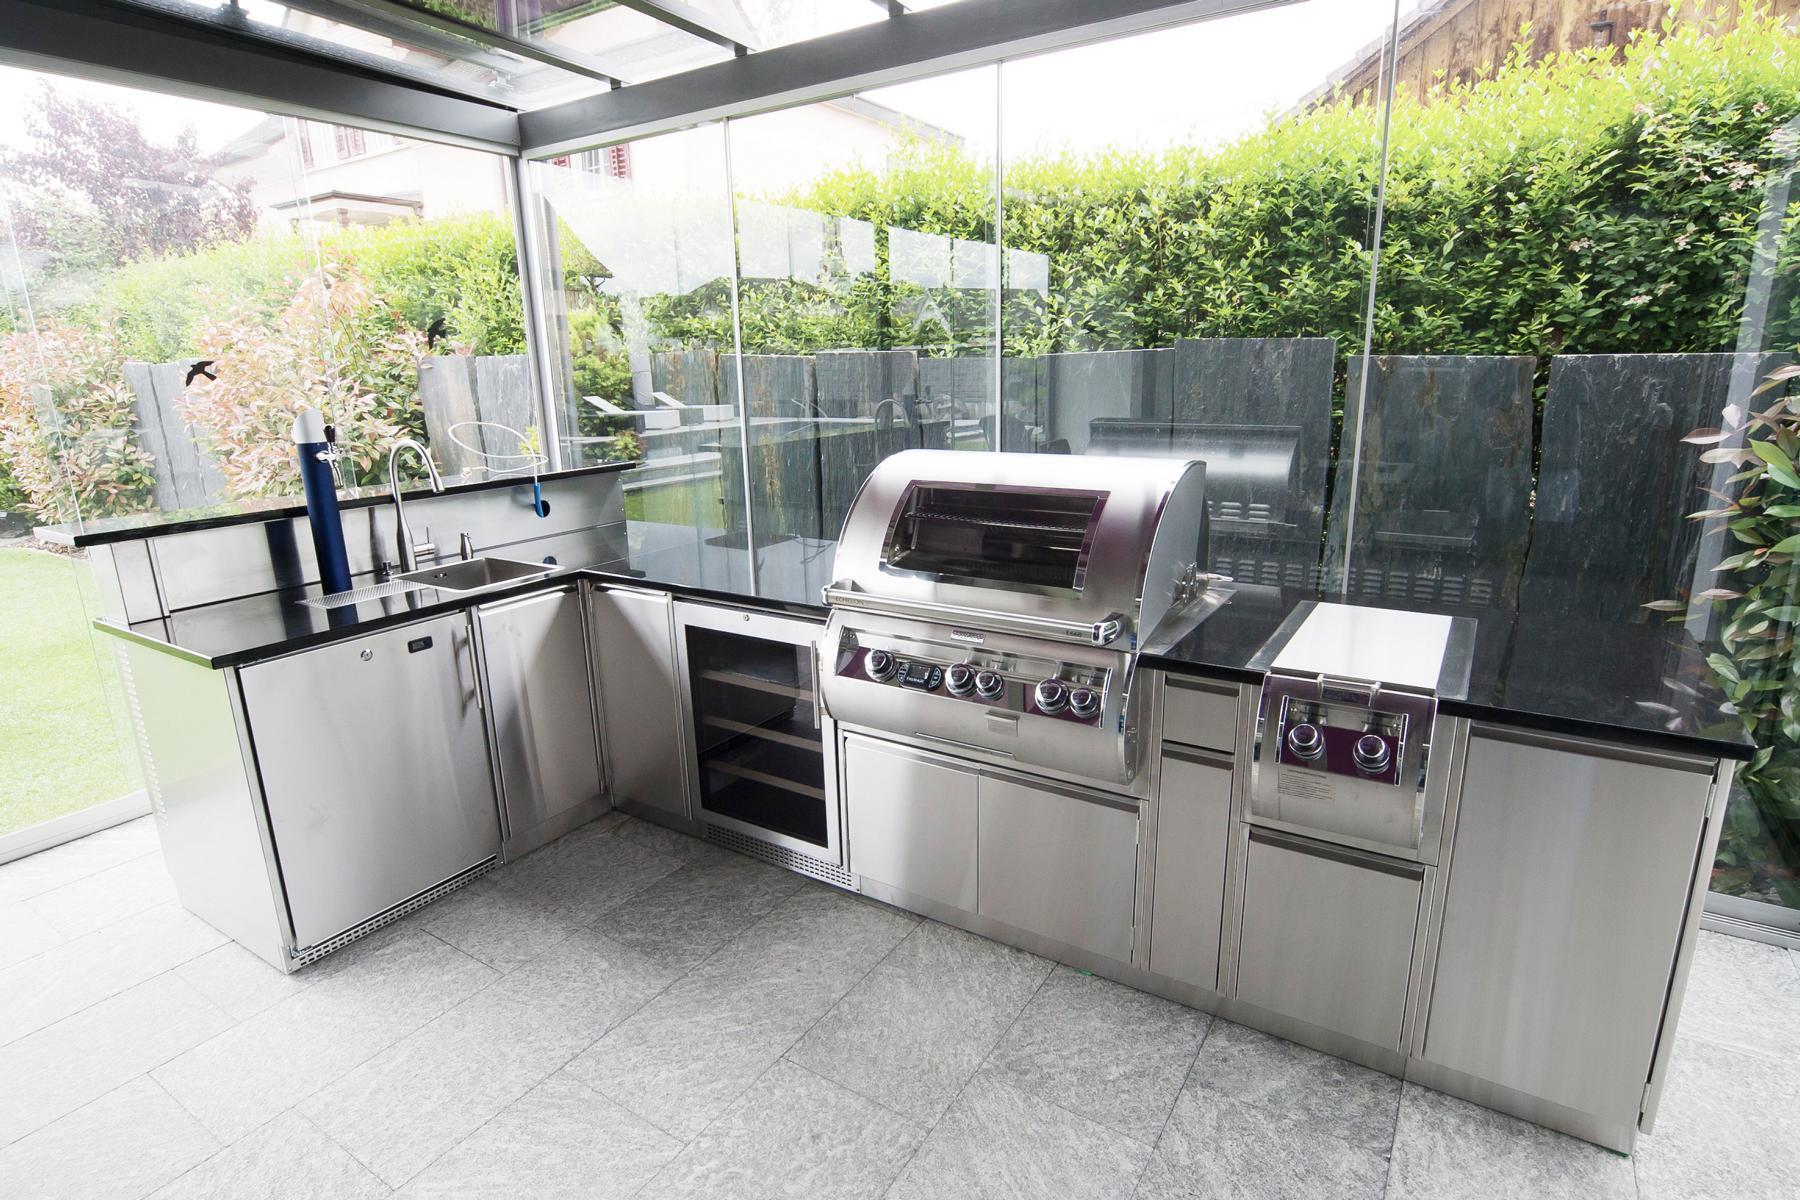 Outdoorküche Edelstahl Xl : Xxl outdoor küche xxl fondue und grill küche outdoor